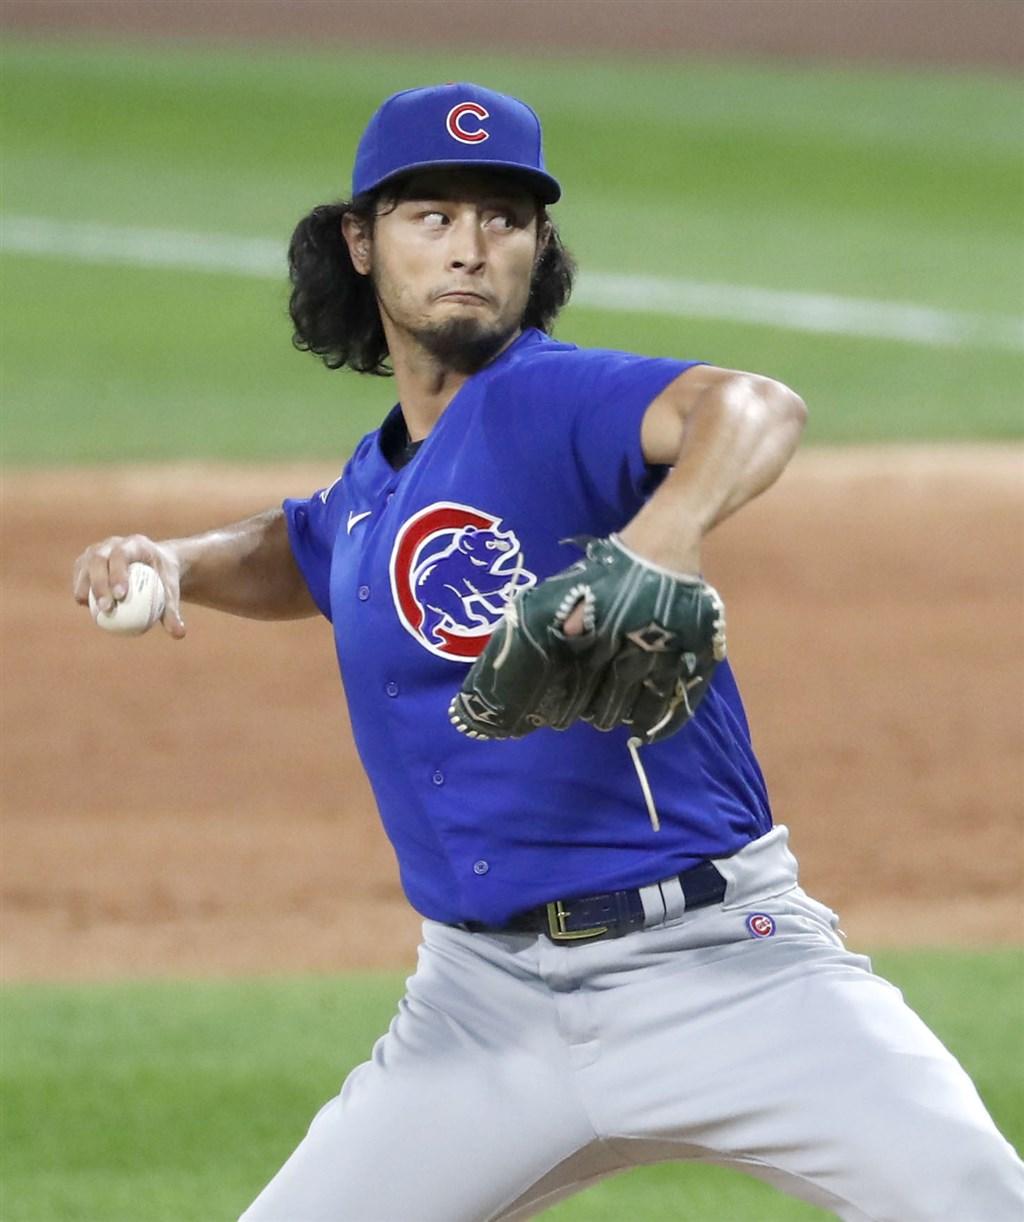 MLB芝加哥小熊日籍強投達比修有本季累計拿下8勝,確定成為第一位拿下國聯勝投王的日籍投手。(共同社)